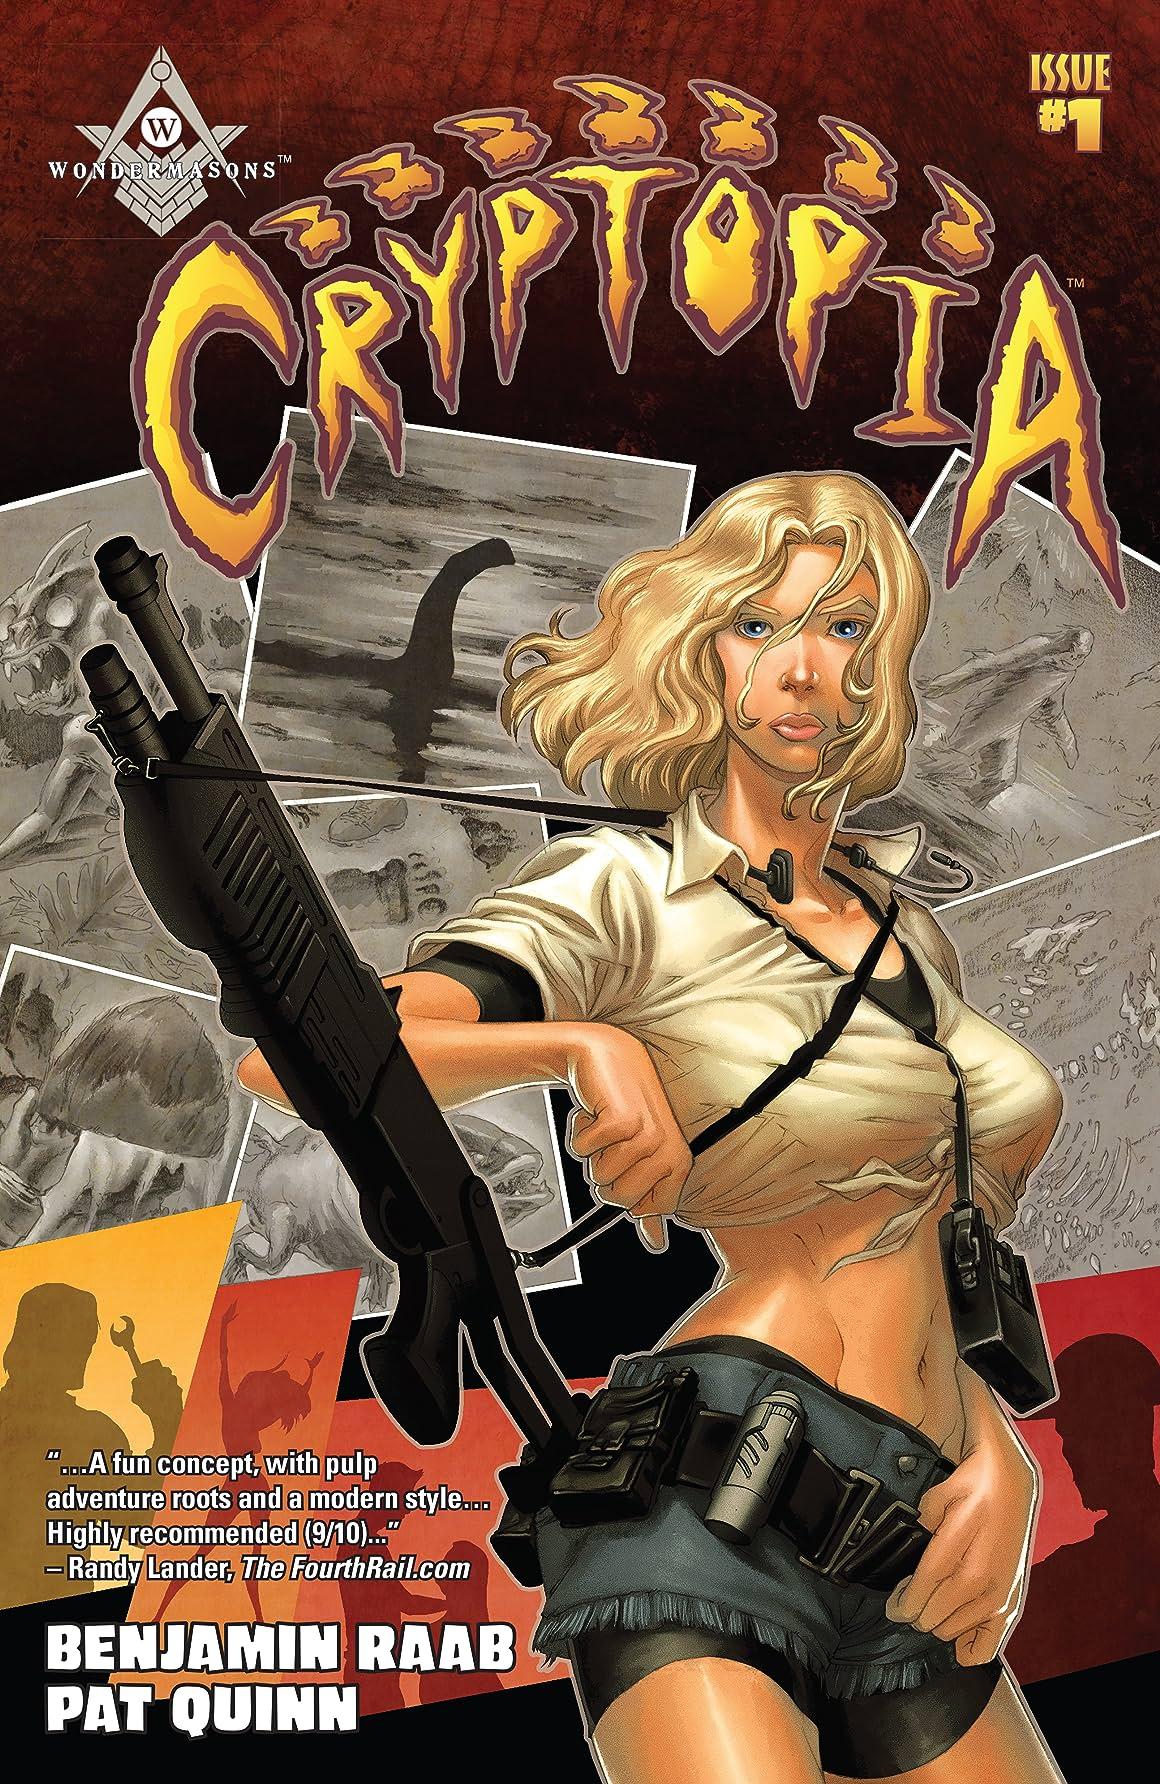 La copertina del n. 1